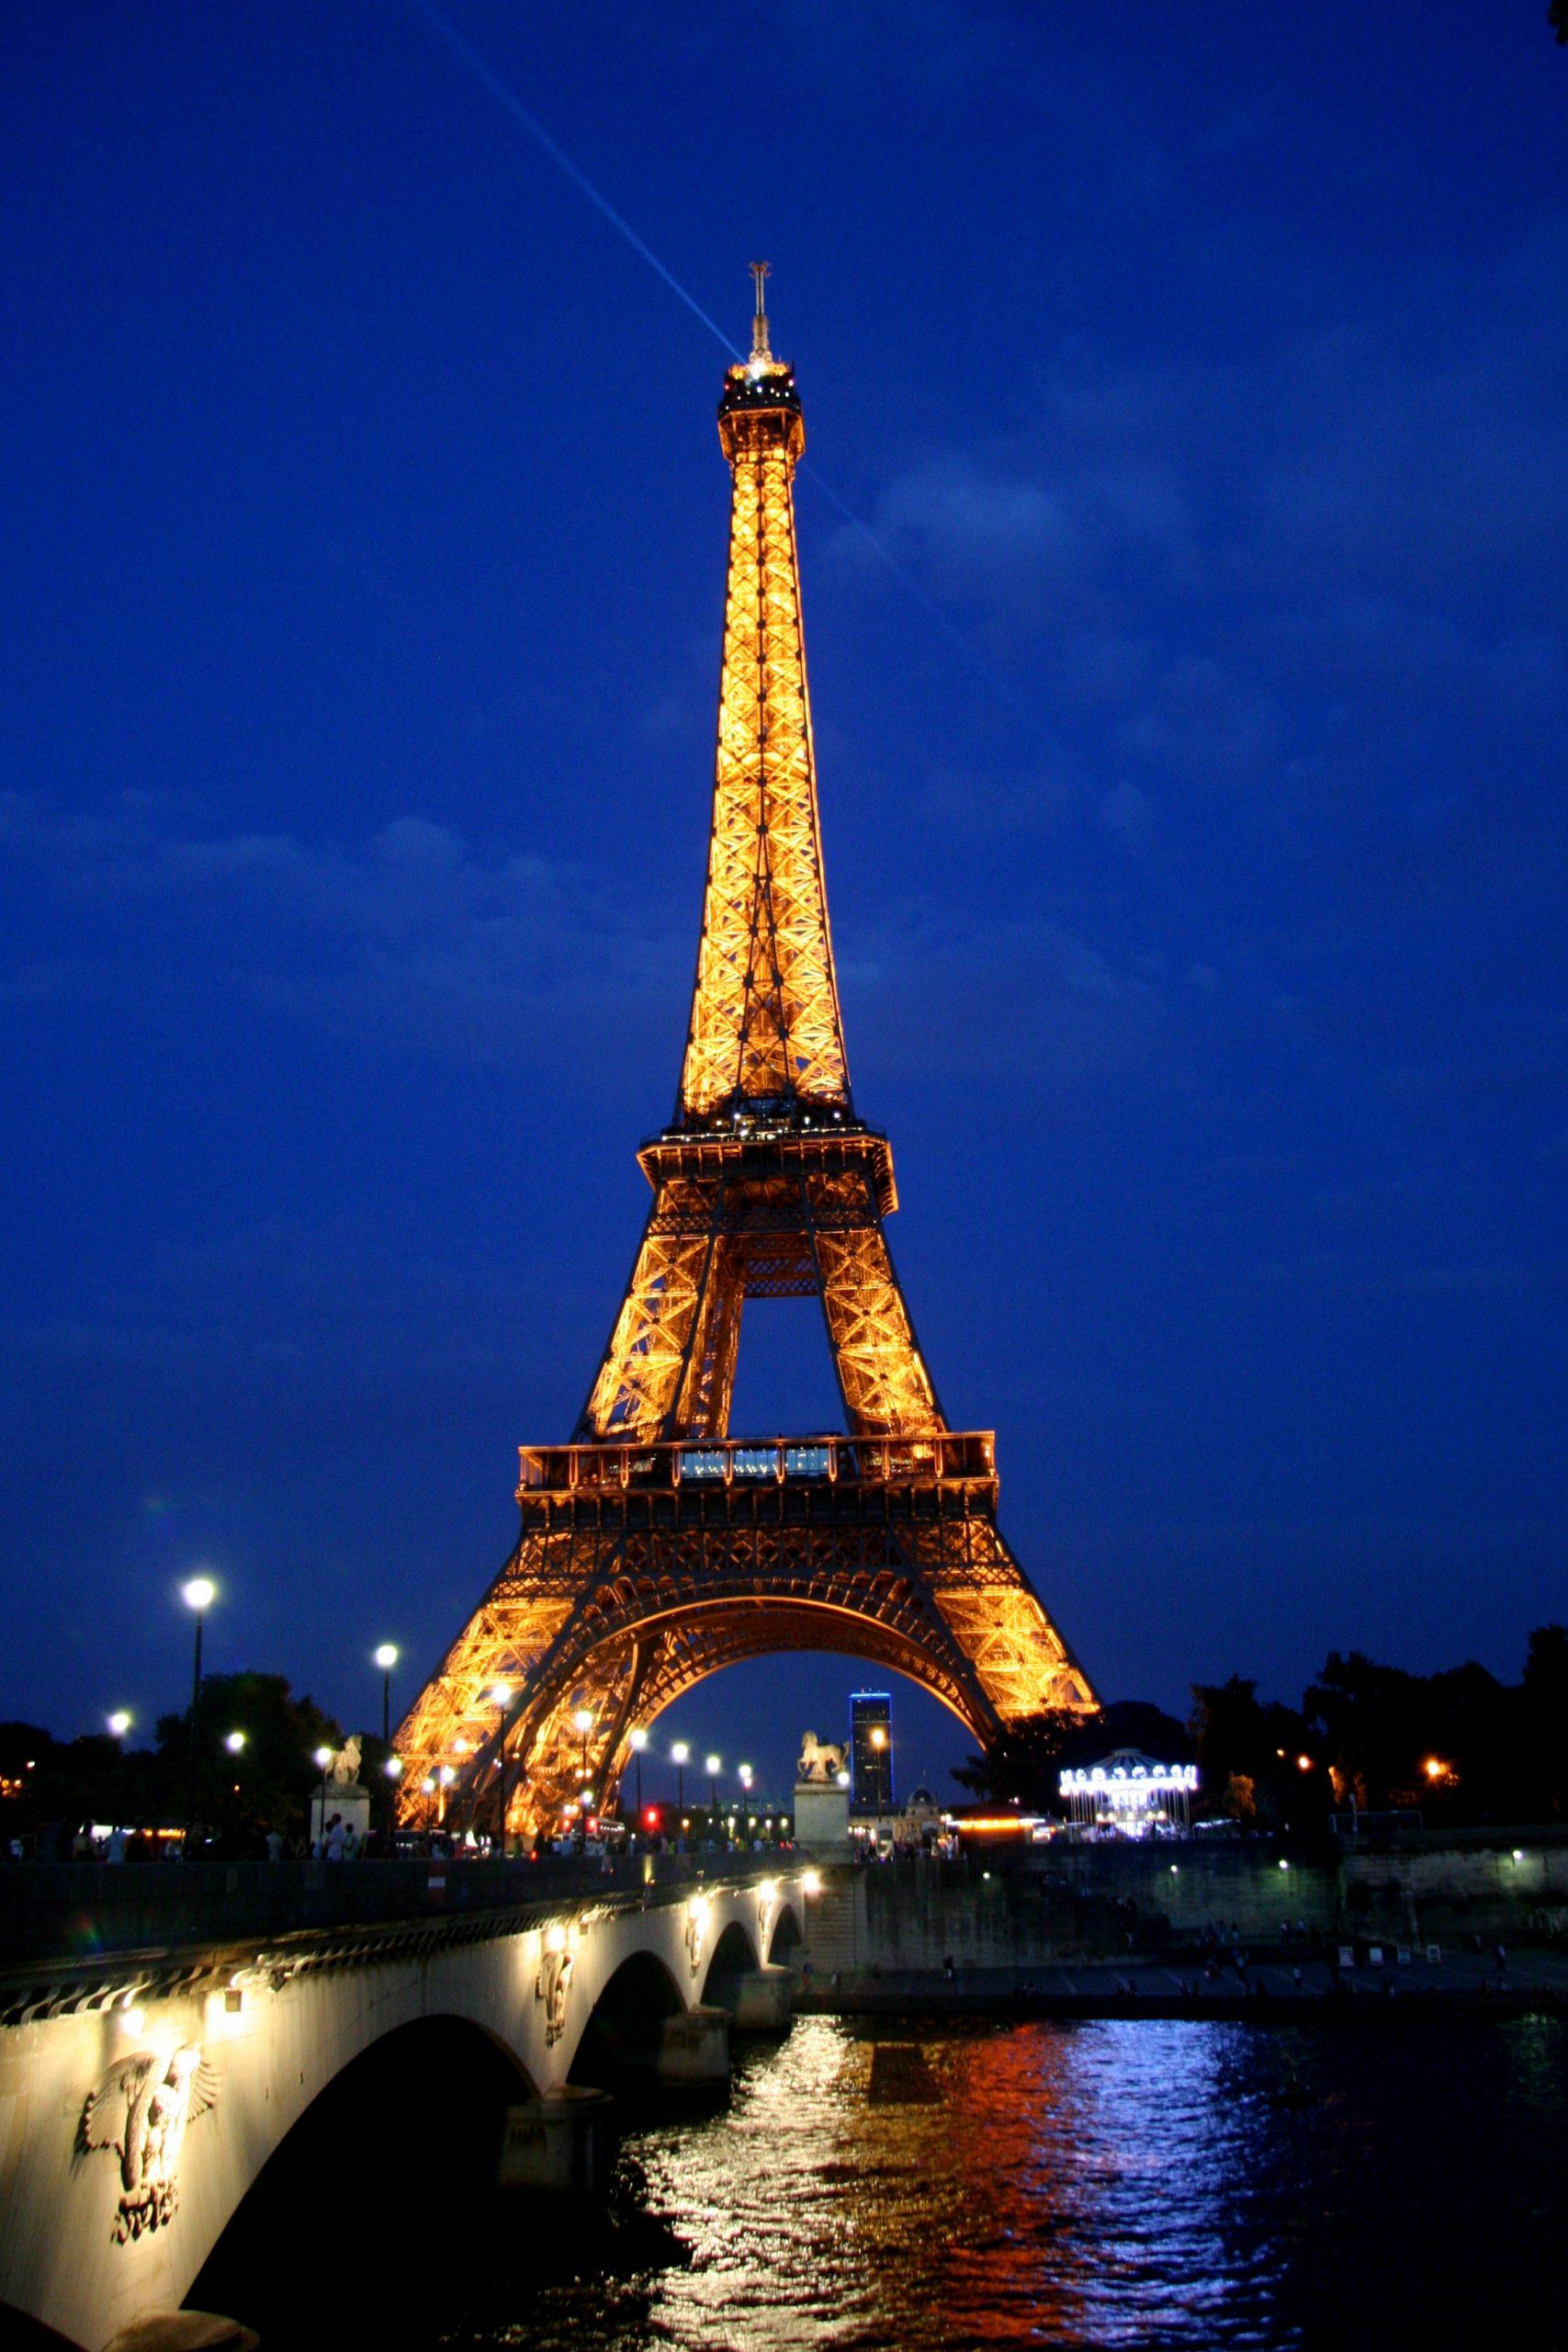 2014, Paris, France